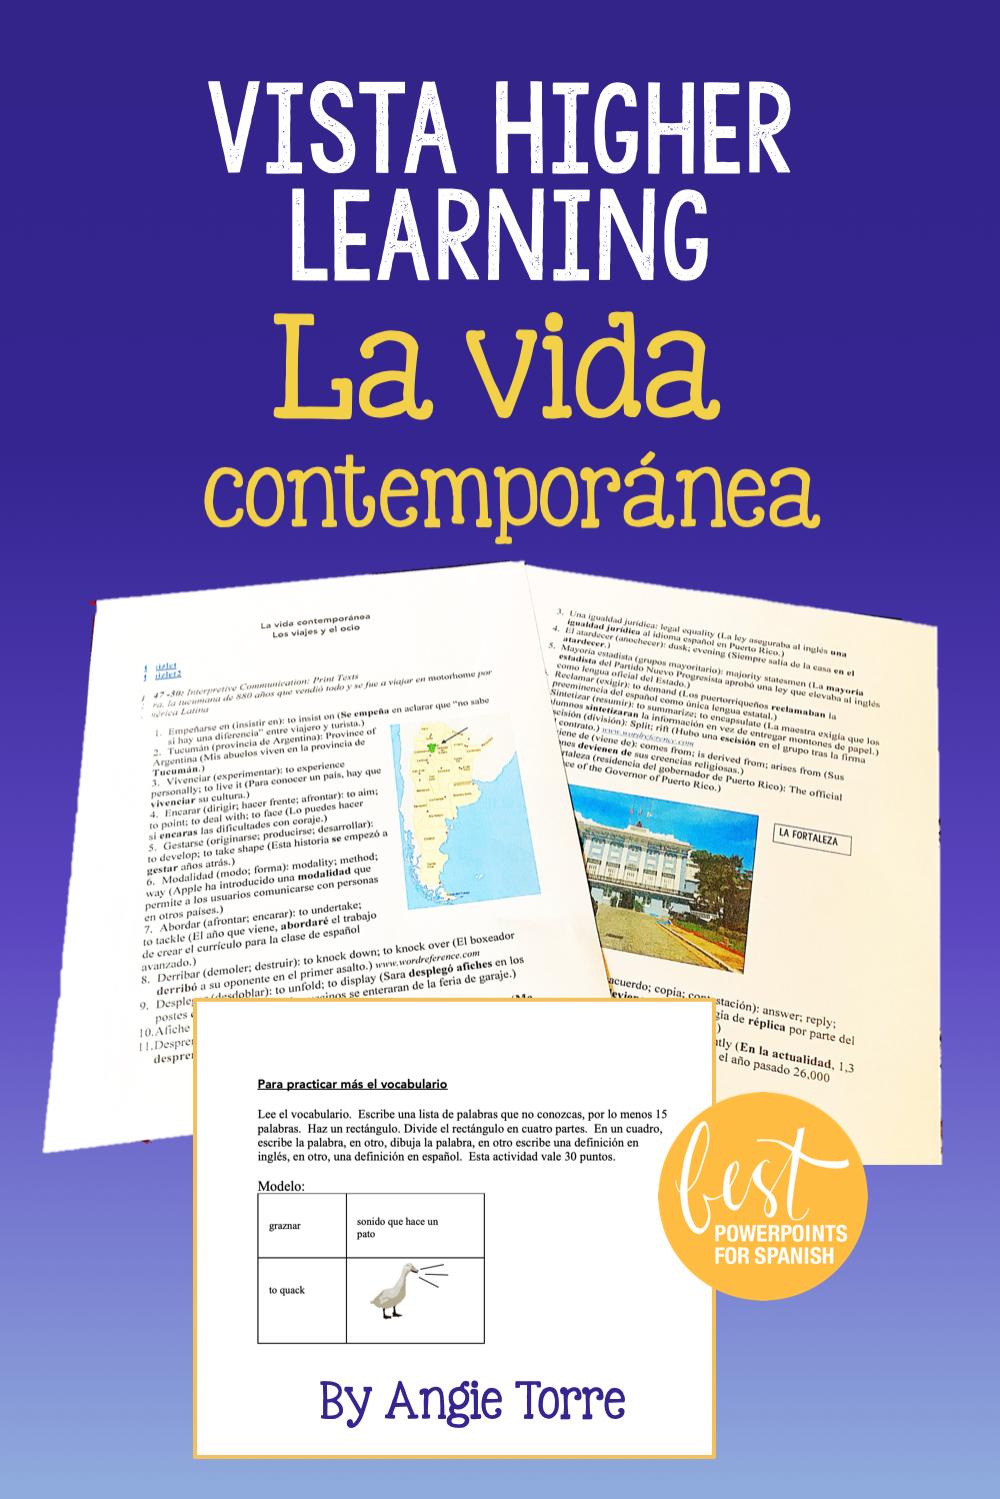 Ap Spanish Vocabulary For La Vida Contemporanea For Vista Higher